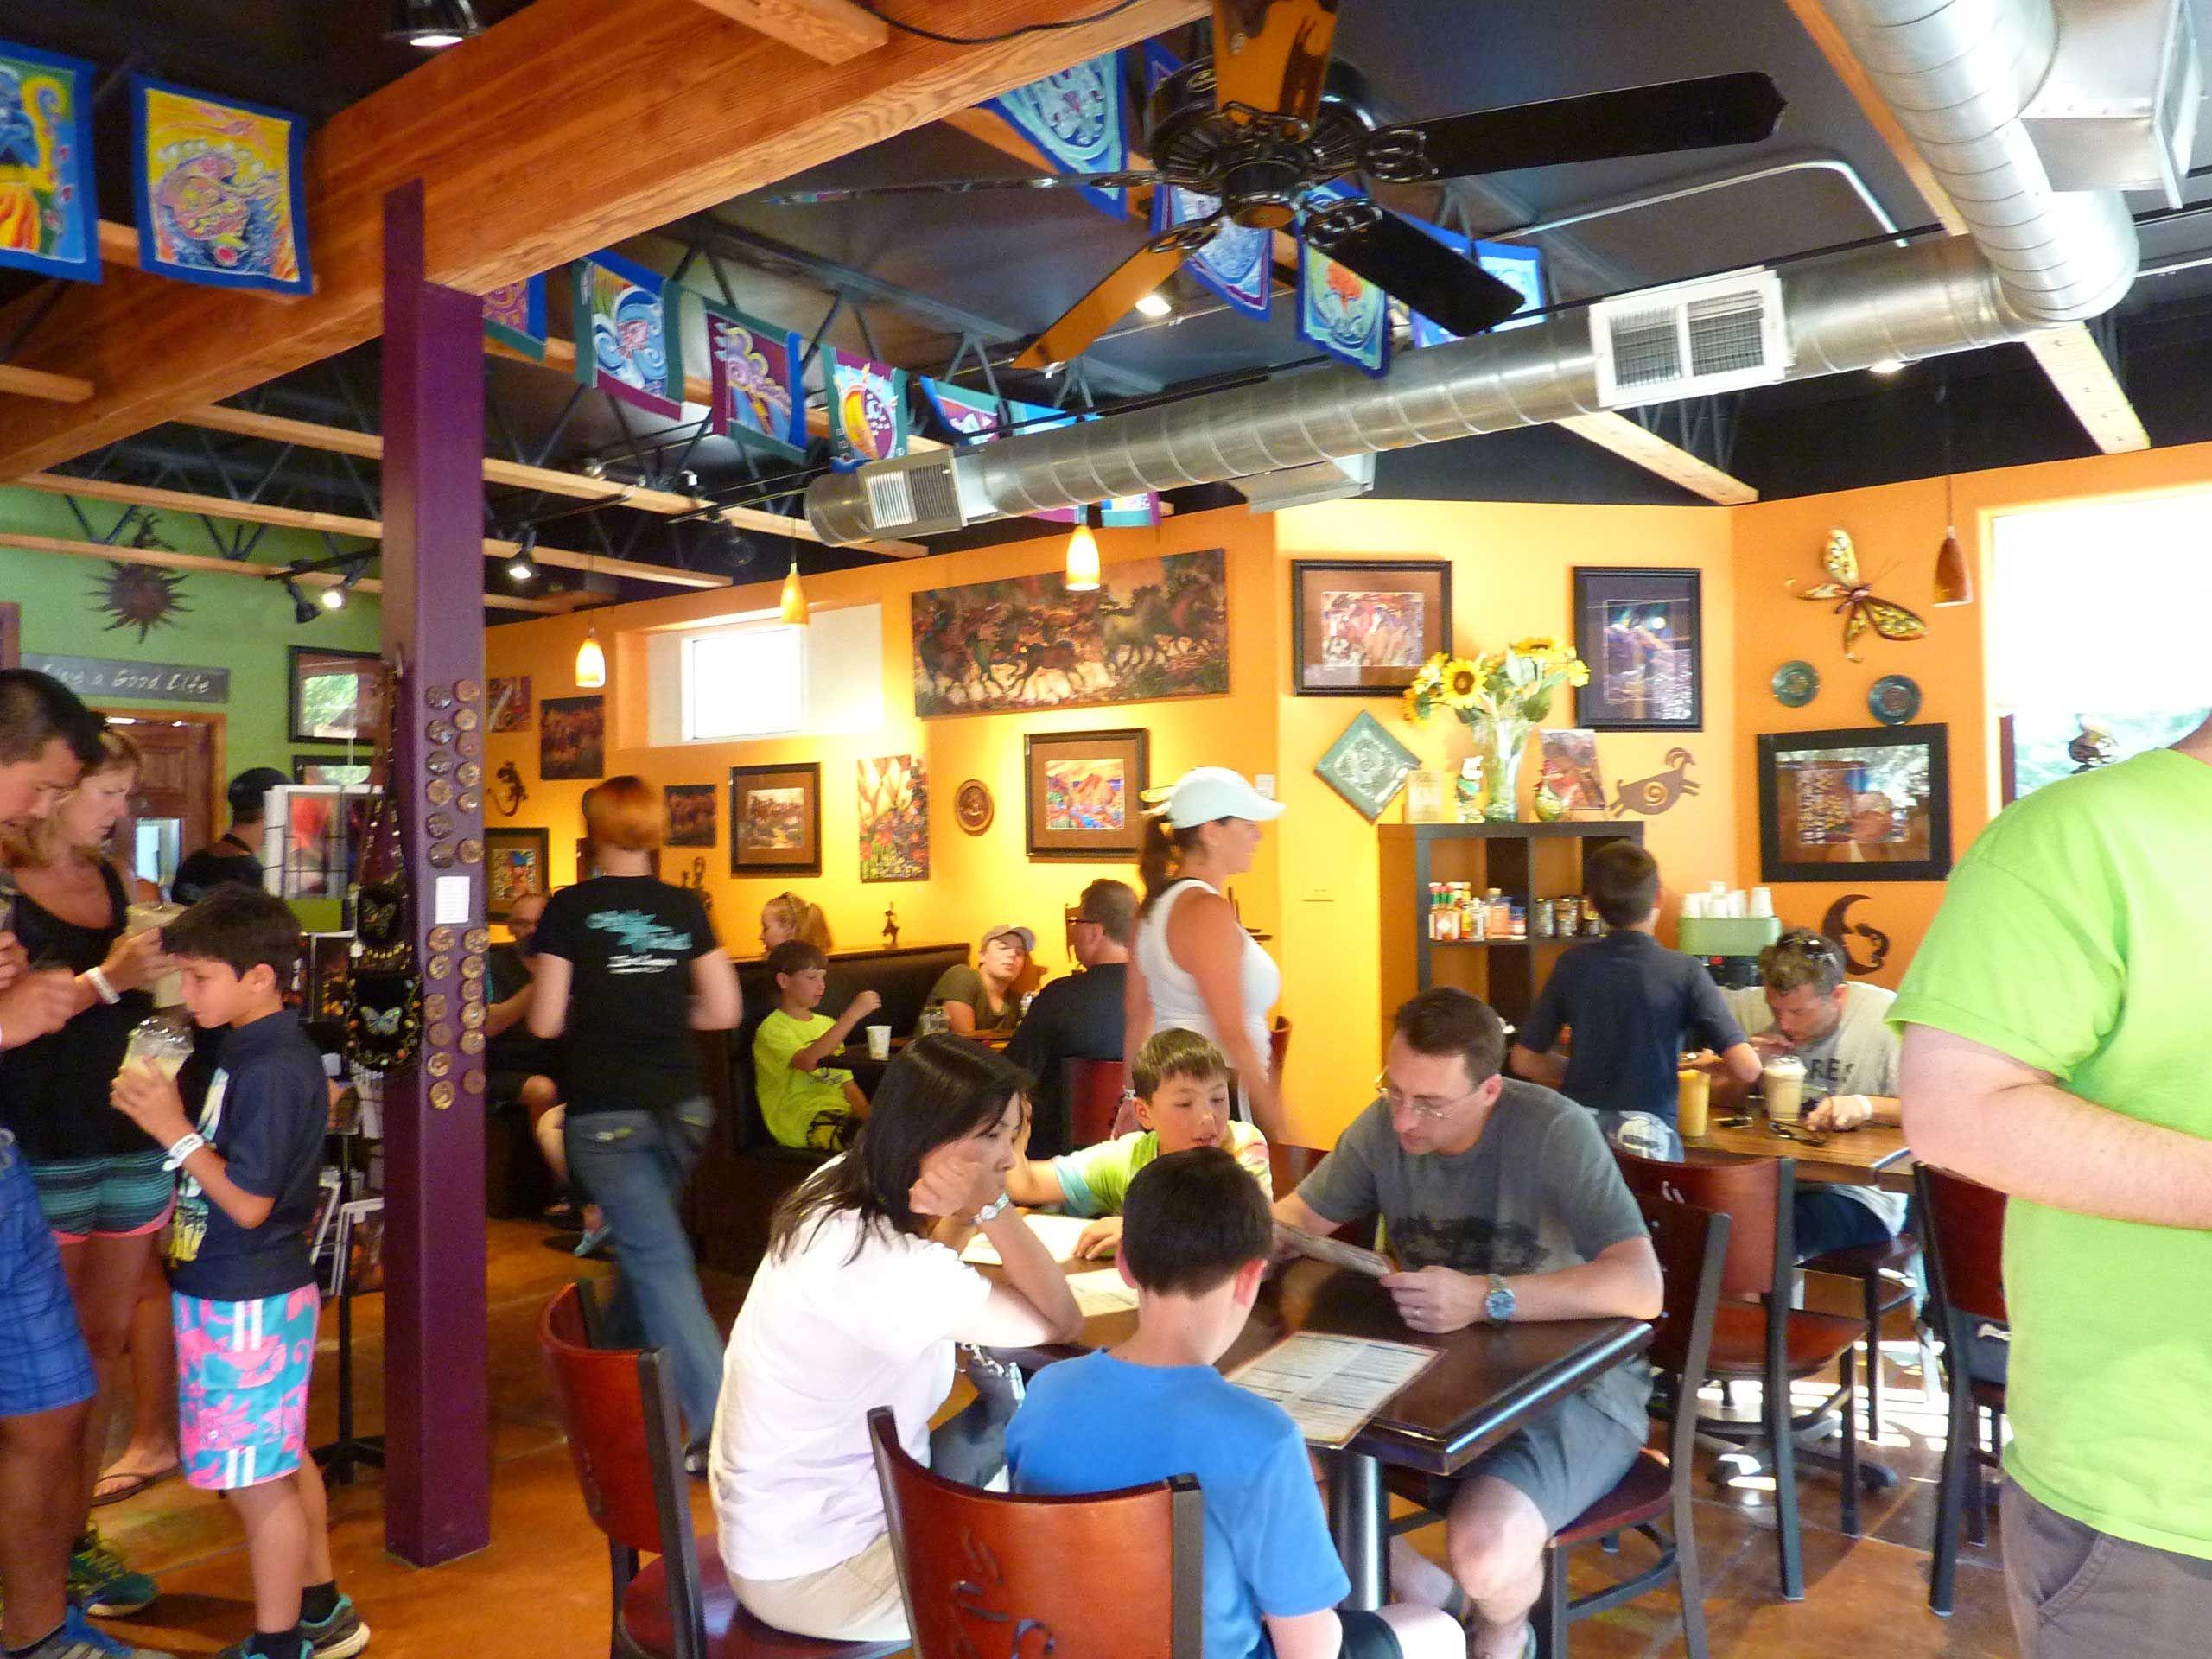 Cafe soleil zion park coffee shop in springdale utah